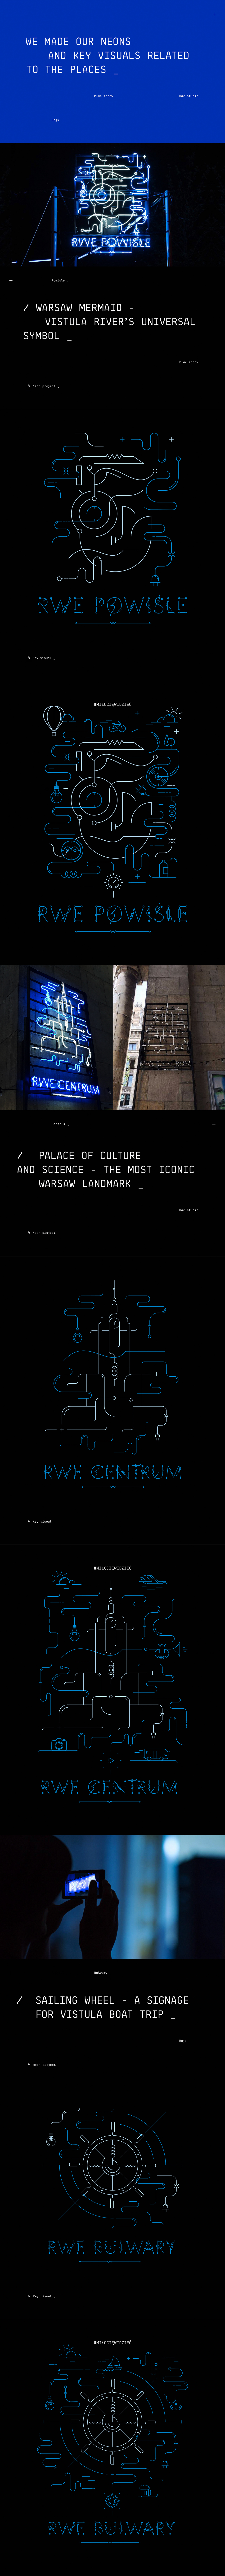 typography   design system neon font icons iconography RWE innogy włodarczyk walczuk